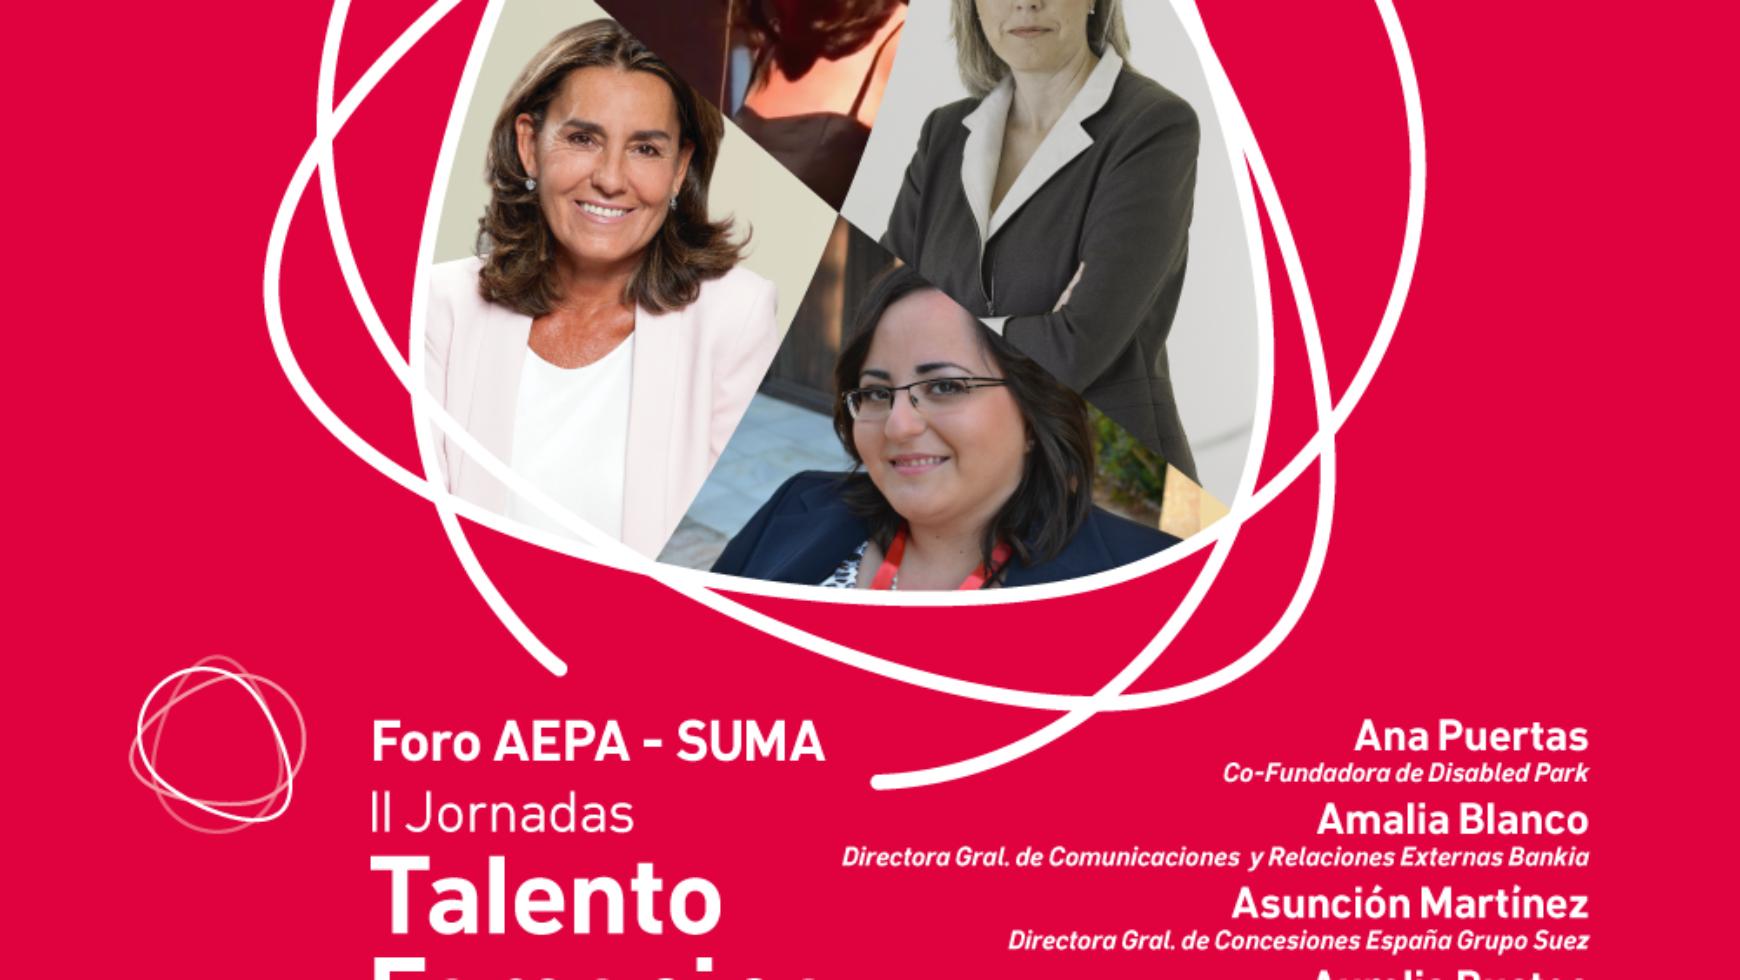 Foro AEPA-SUMA: «Retos y Oportunidades sobre el Talento Femenino en la Sociedad Actual»